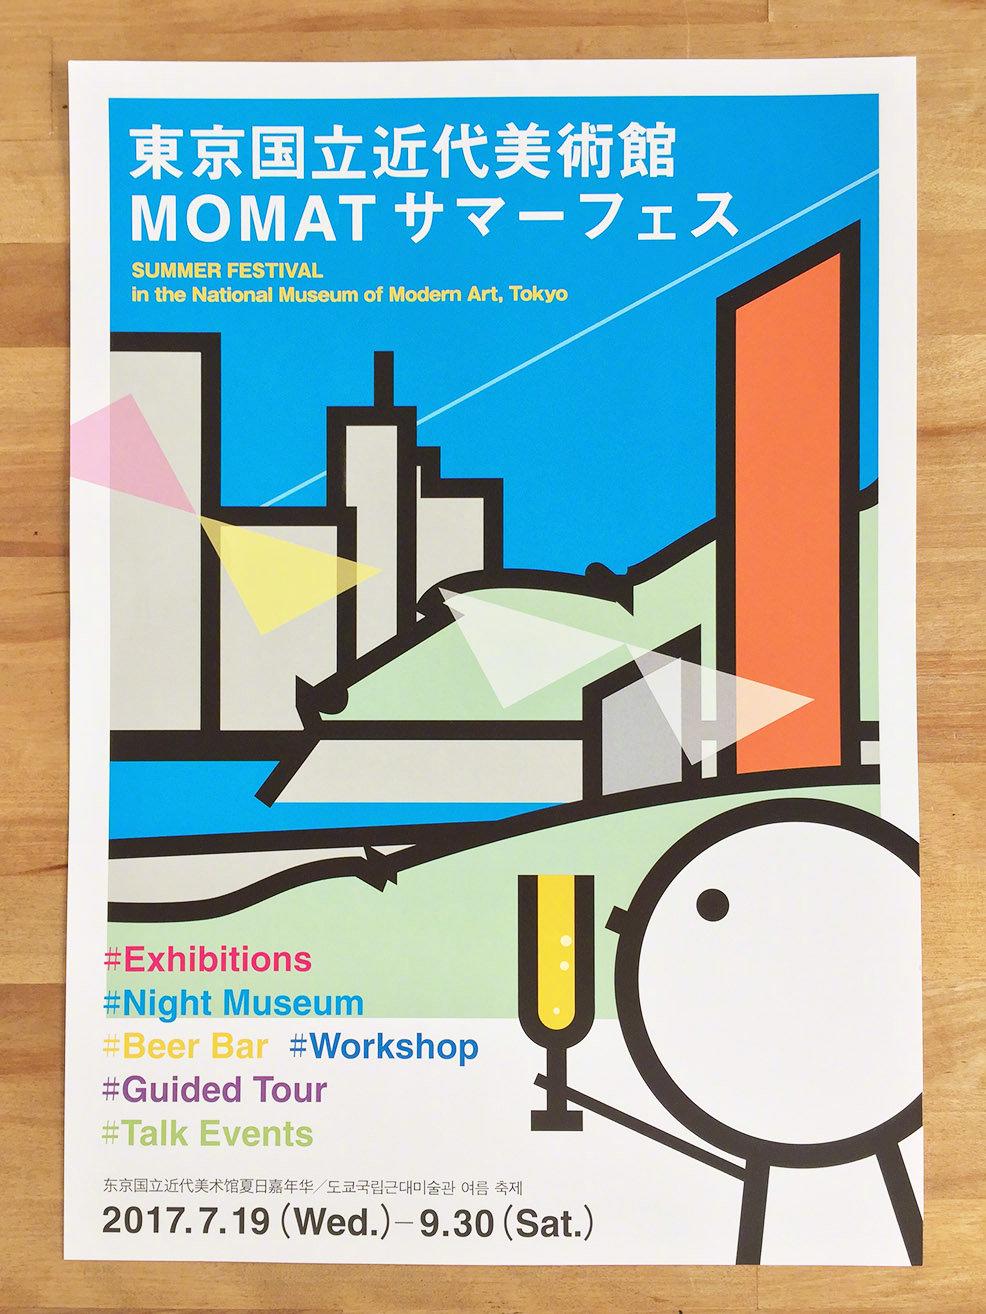 收集的多张日本展览海报传单设计(二)看看多种字体的编排与视觉设计